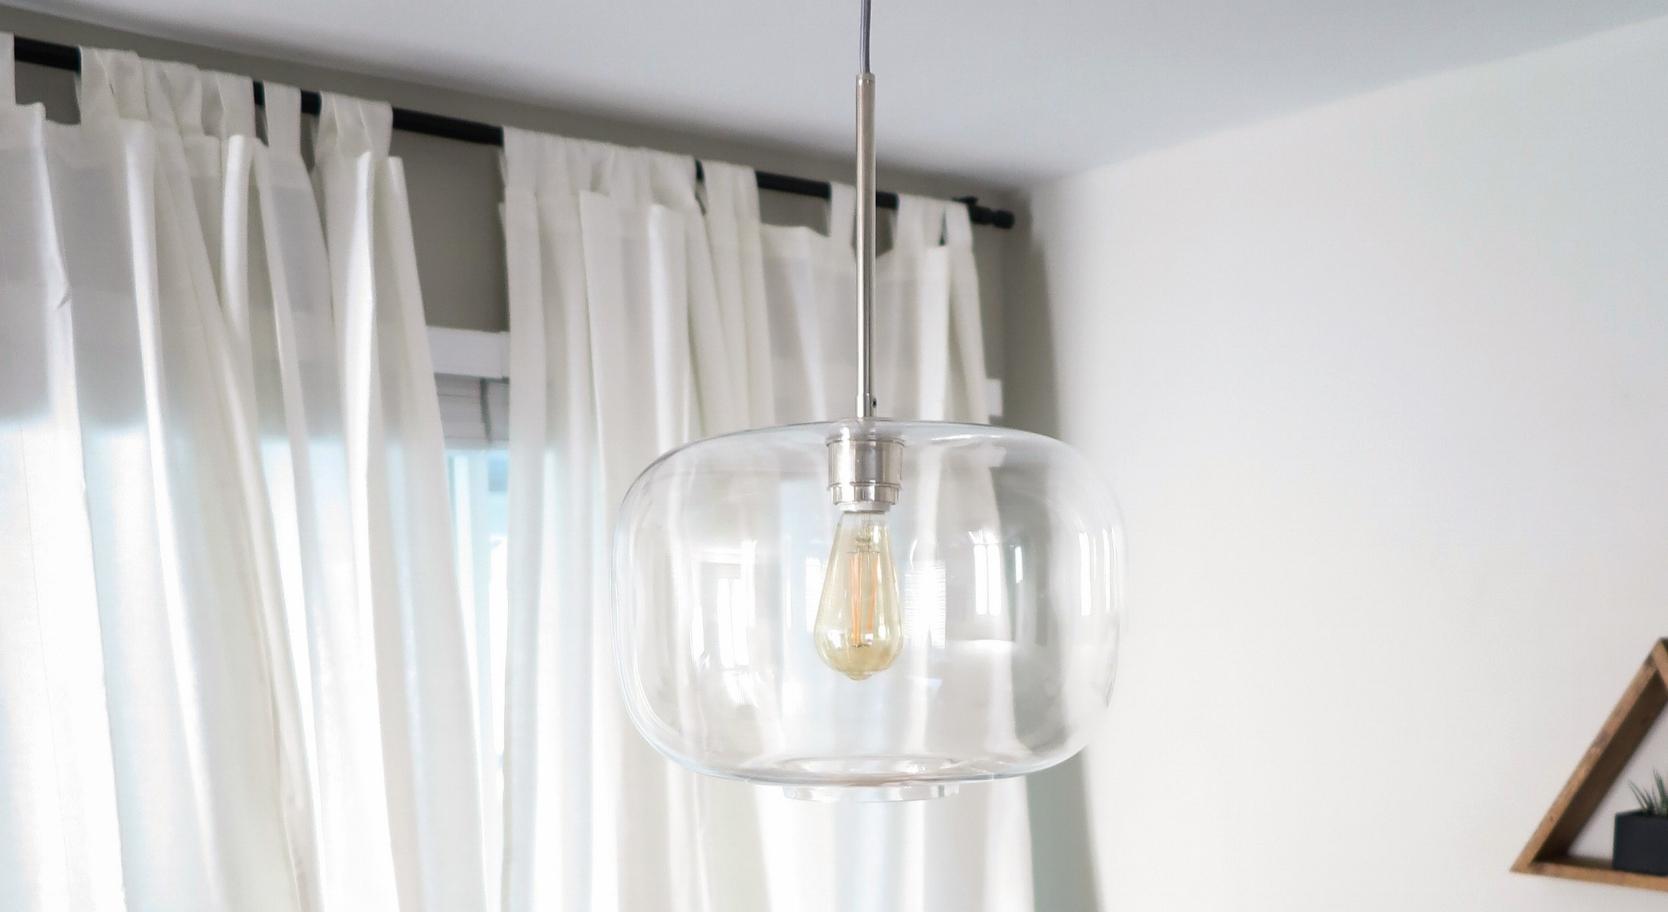 hela-coaching-pendant-light-lightbulb.jpg